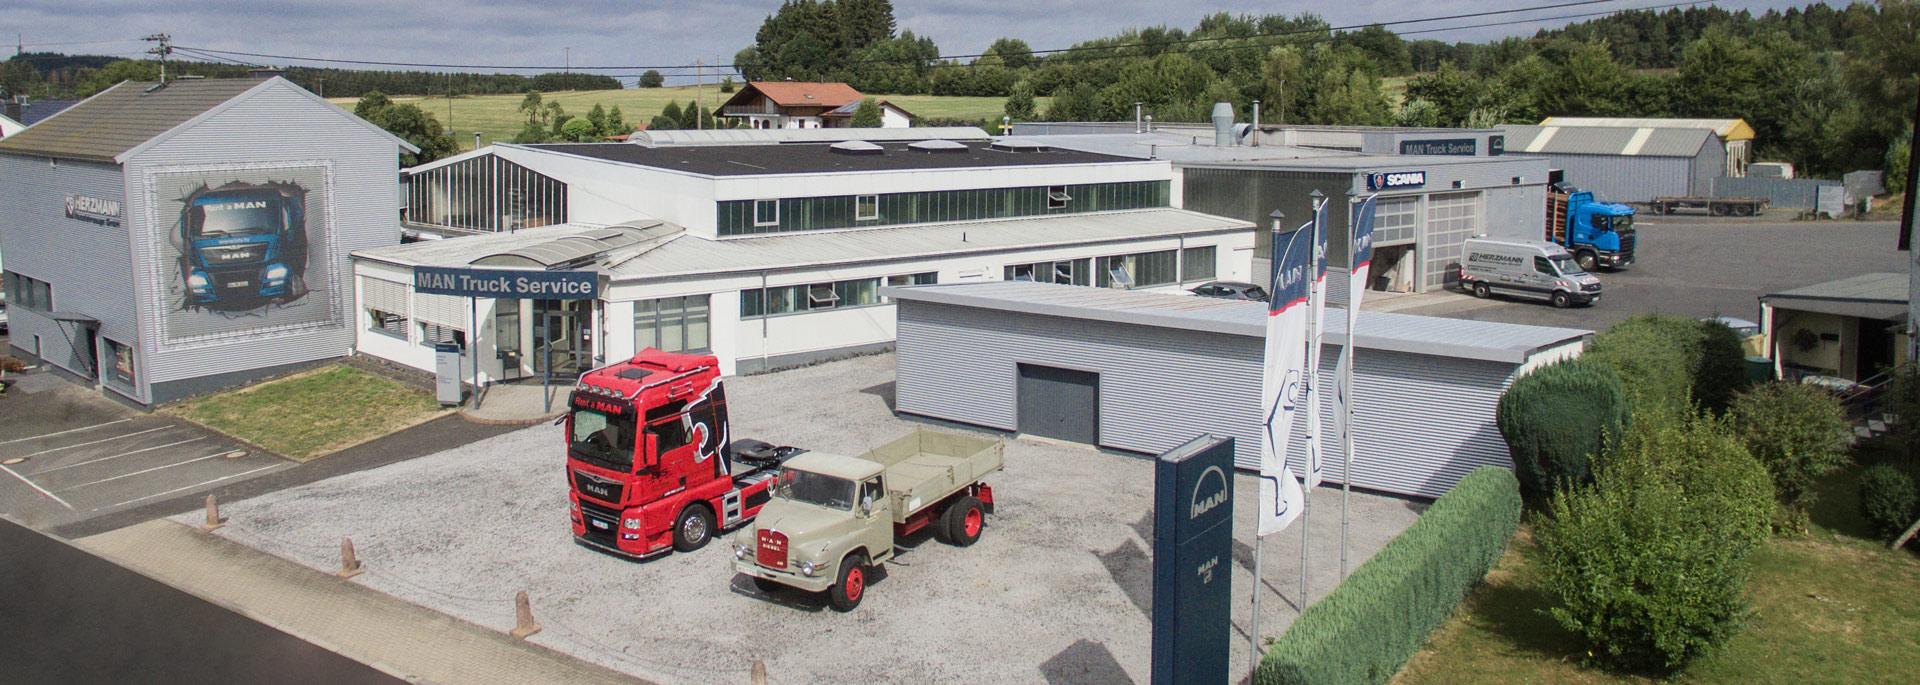 Herzmann Obersayn Der Fahrzeugservice Für Lkw Van Bus Lackierung